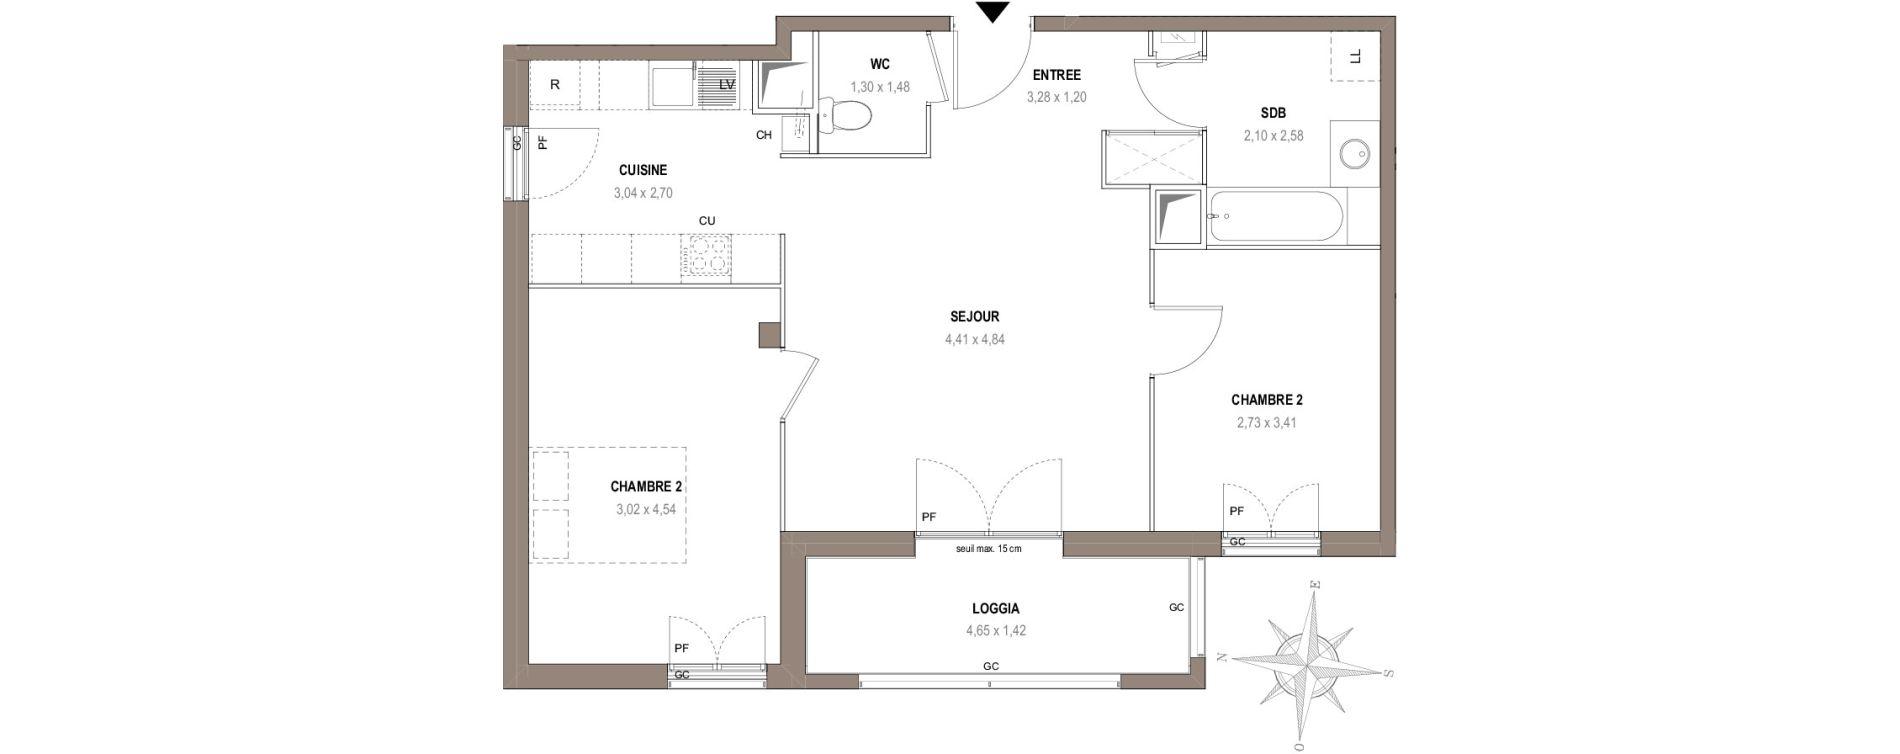 Appartement T3 de 63,50 m2 à Villeurbanne Gratte-ciel - dedieu - charmettes